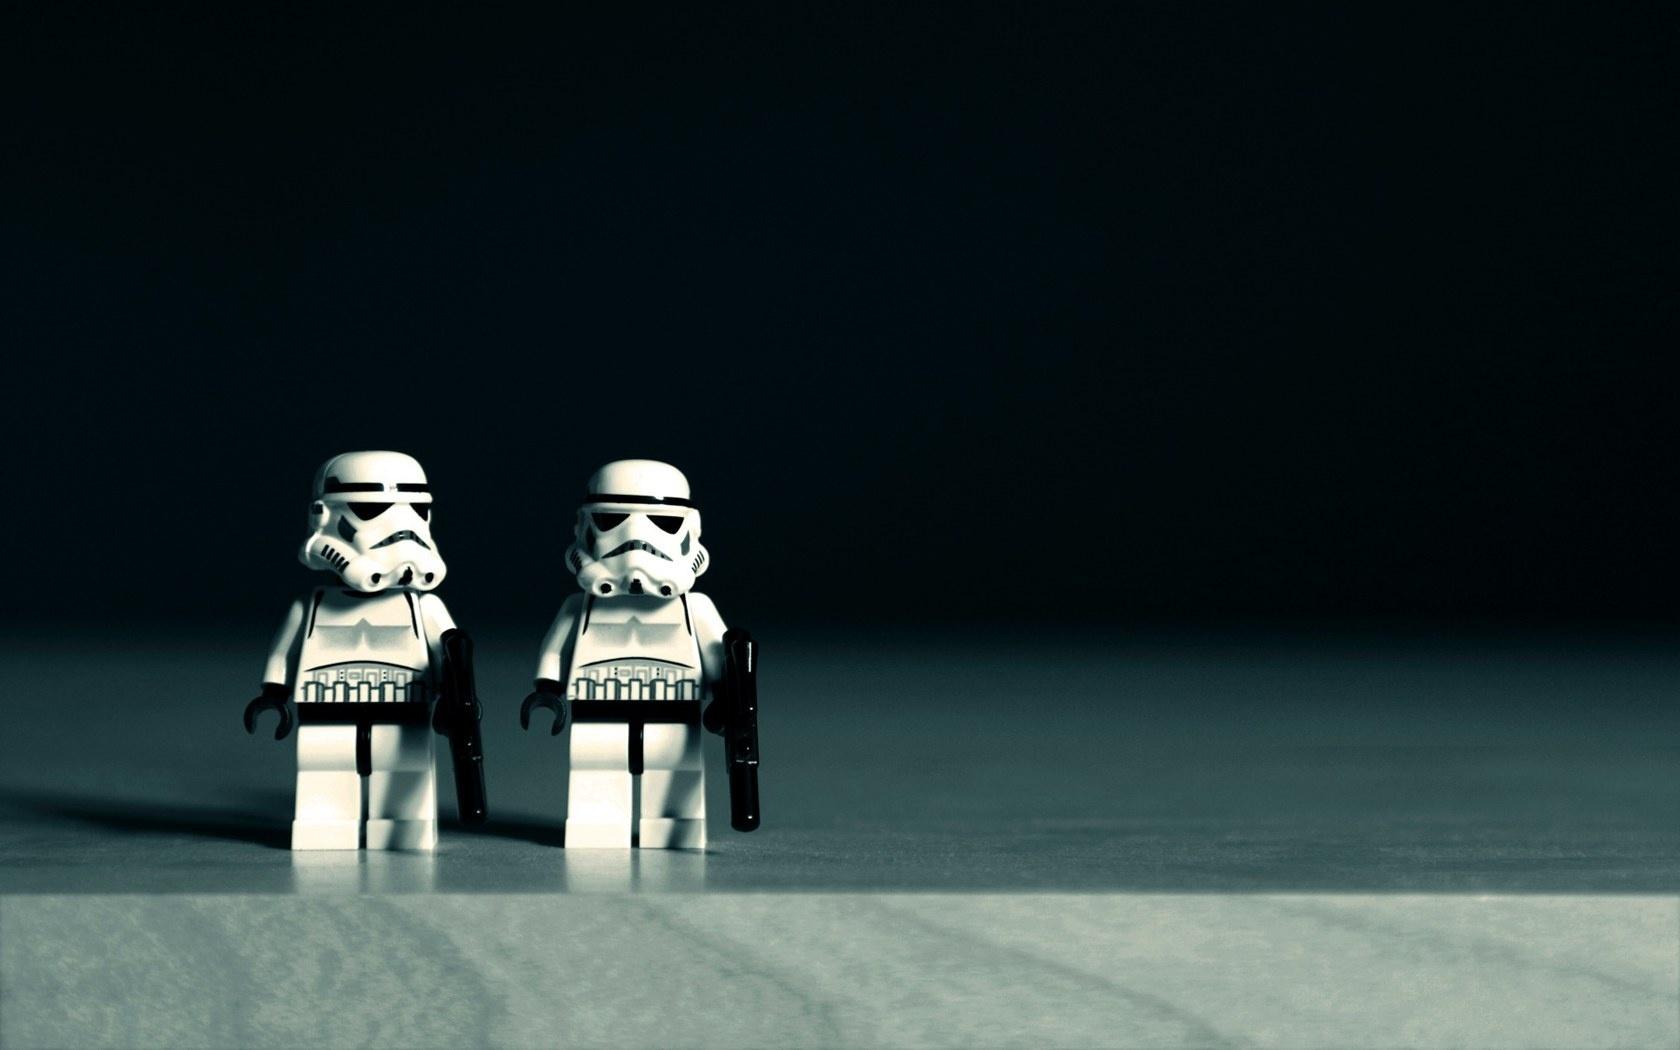 新的星戰廣告片告訴你情懷遊戲的威力